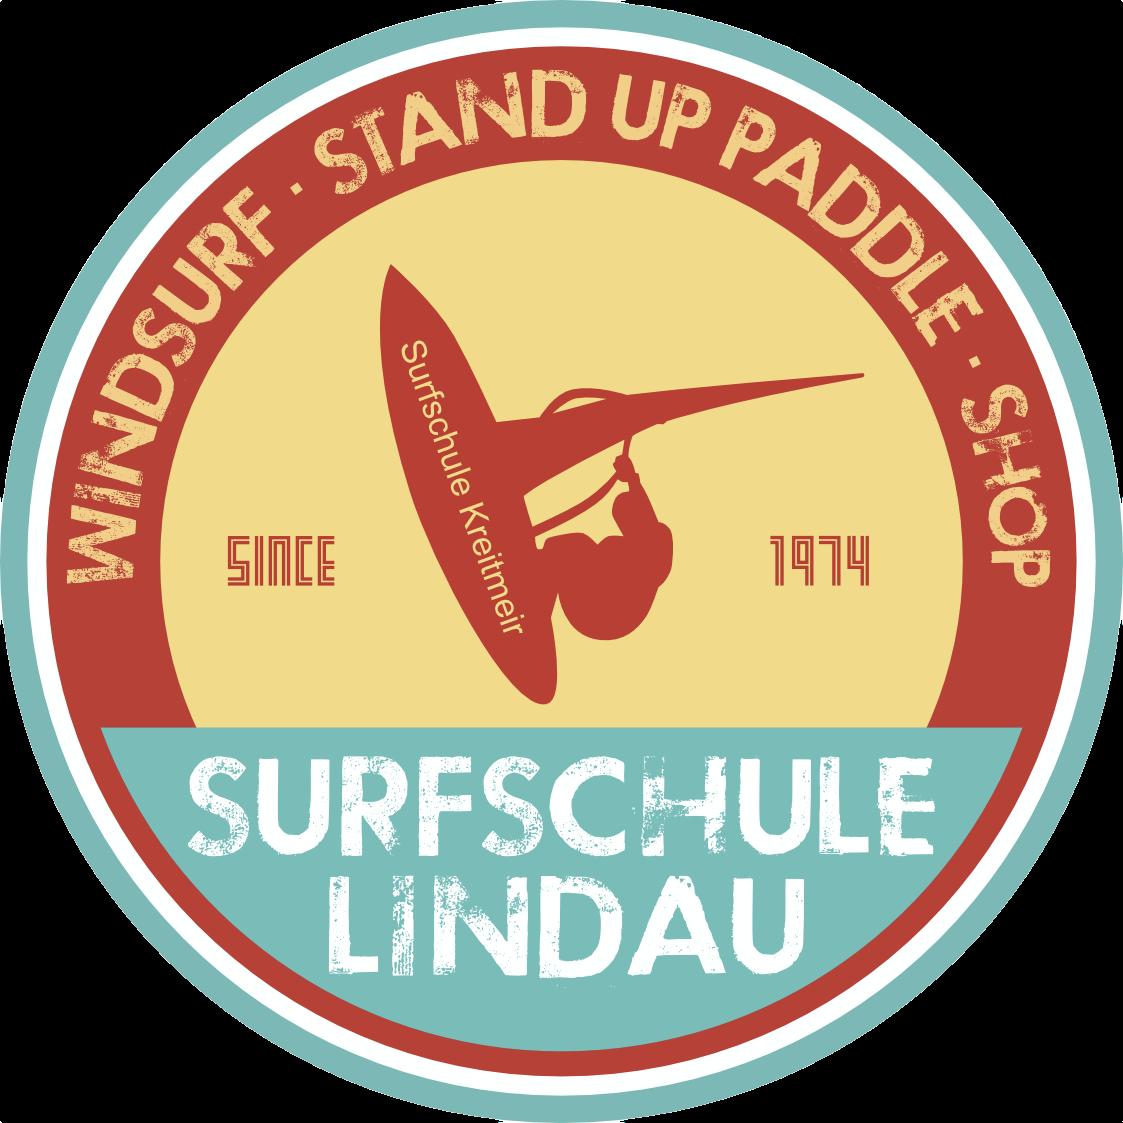 Surfschule Lindau